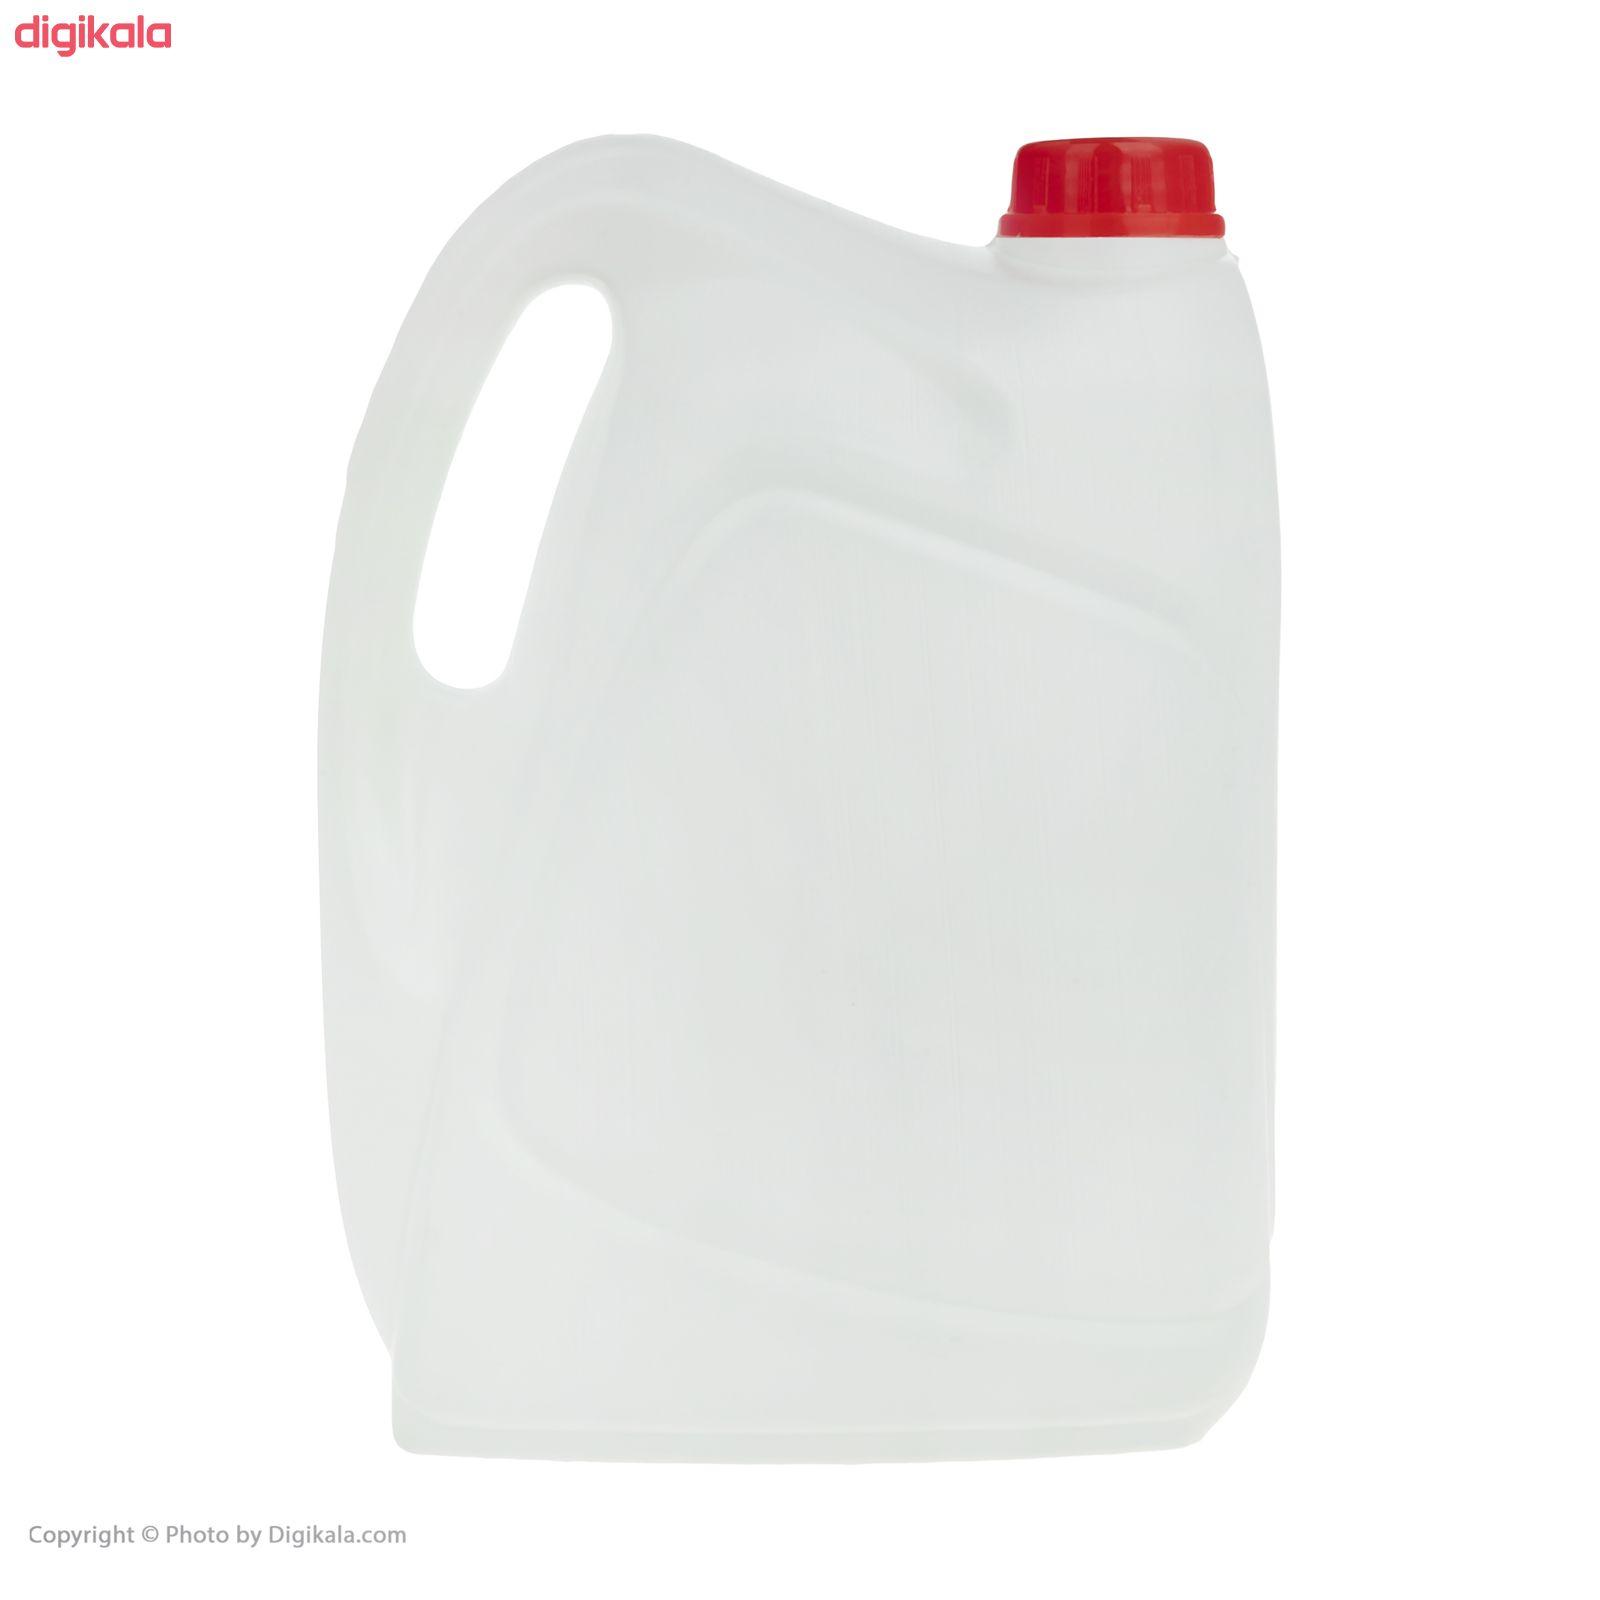 مایع ظرفشویی تاپ مدل Apple مقدار 3.75 کیلوگرم main 1 2